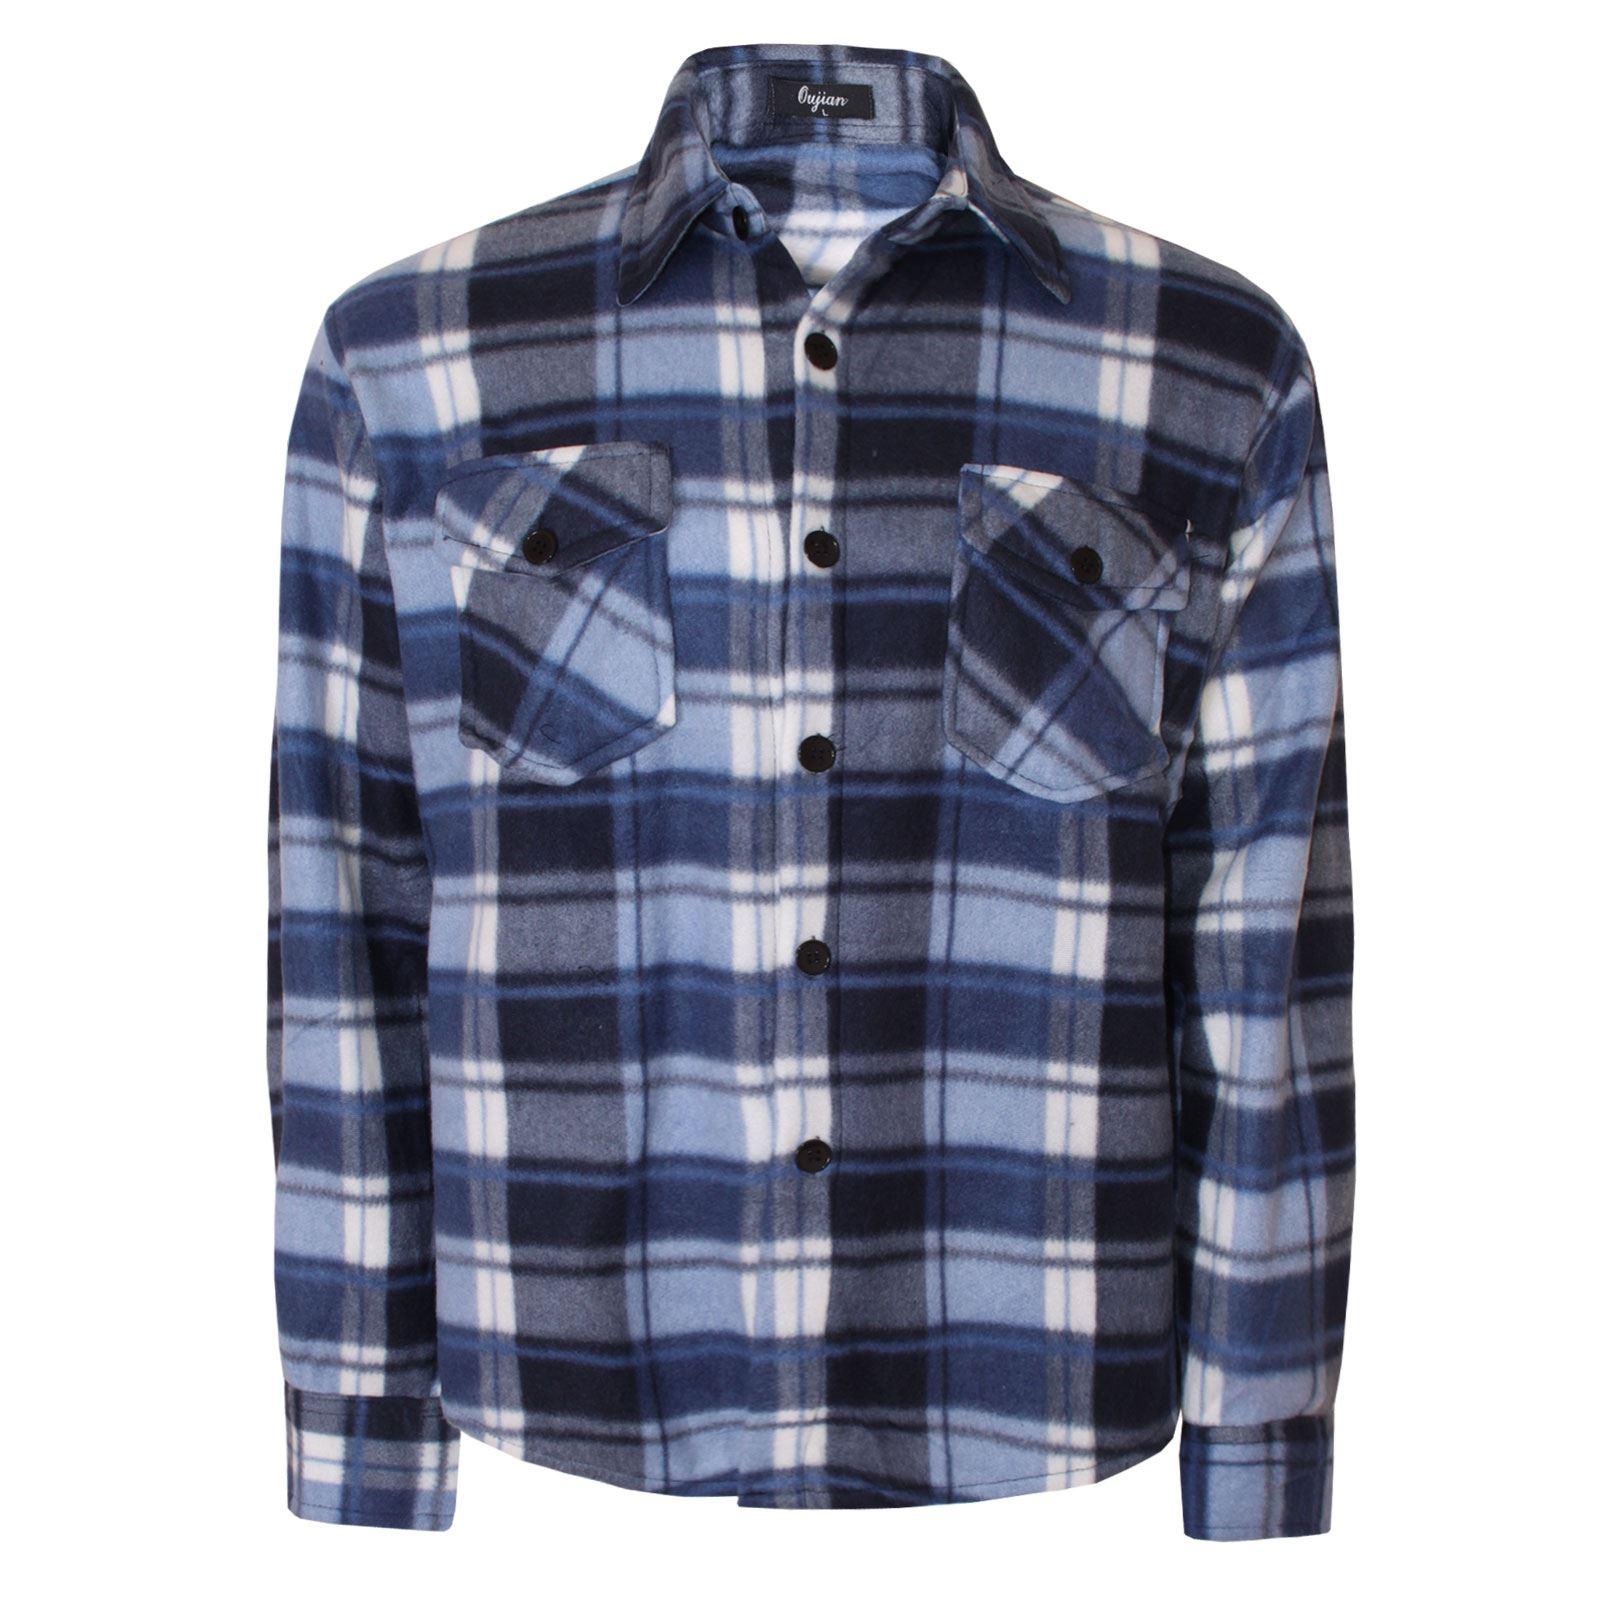 Mens Button Up Check Lined Lumberjack Fleece Shirt Work